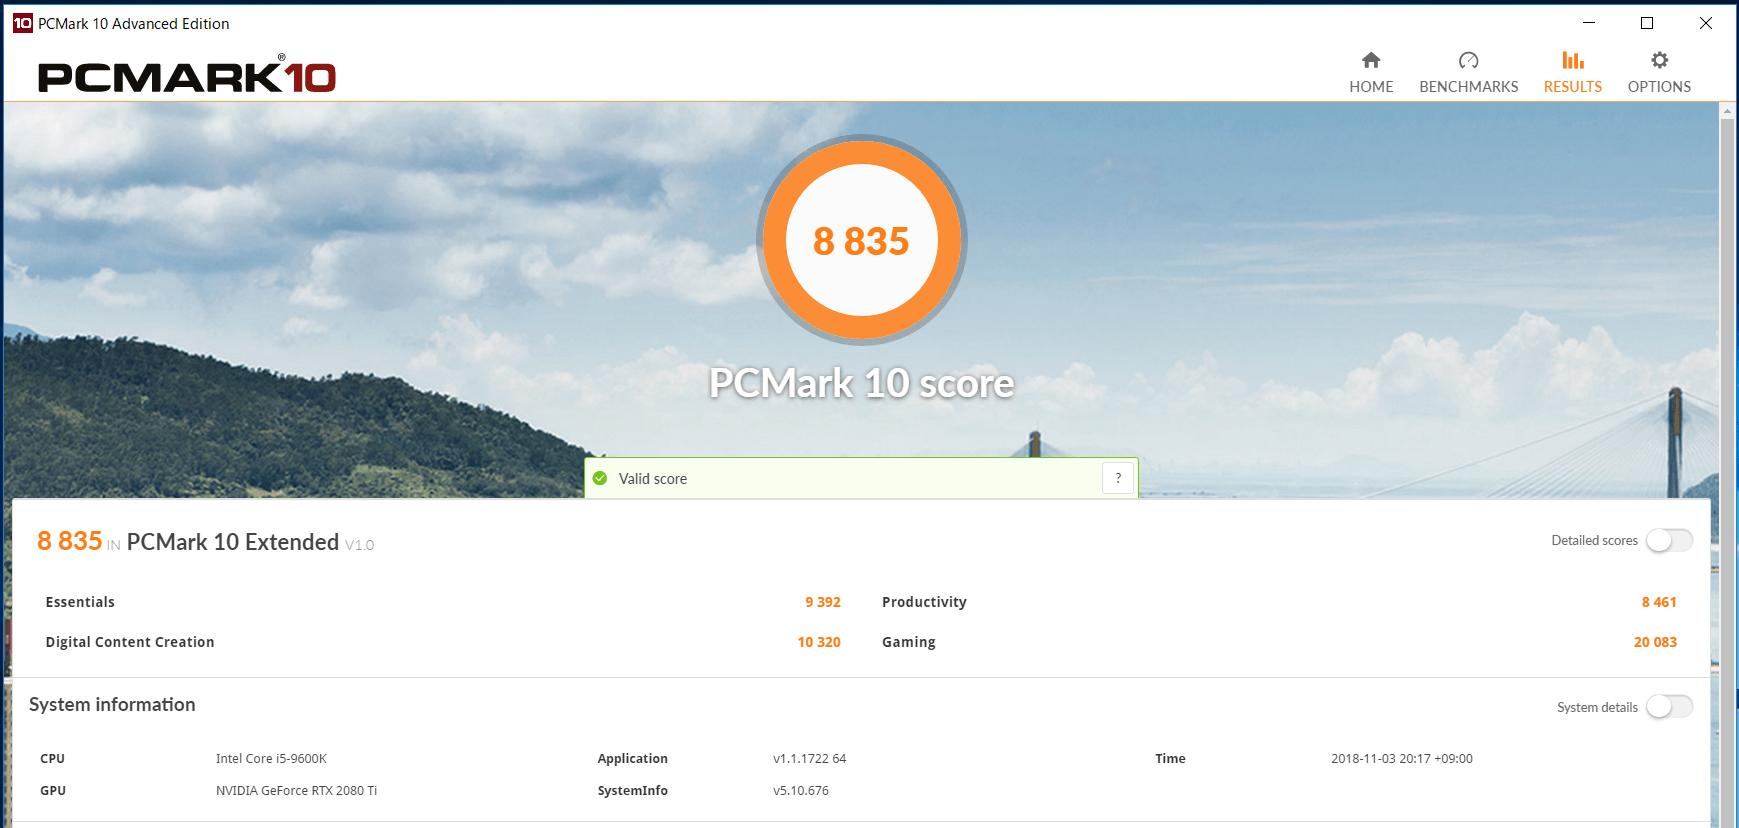 Core i5 9600K_PCMark10